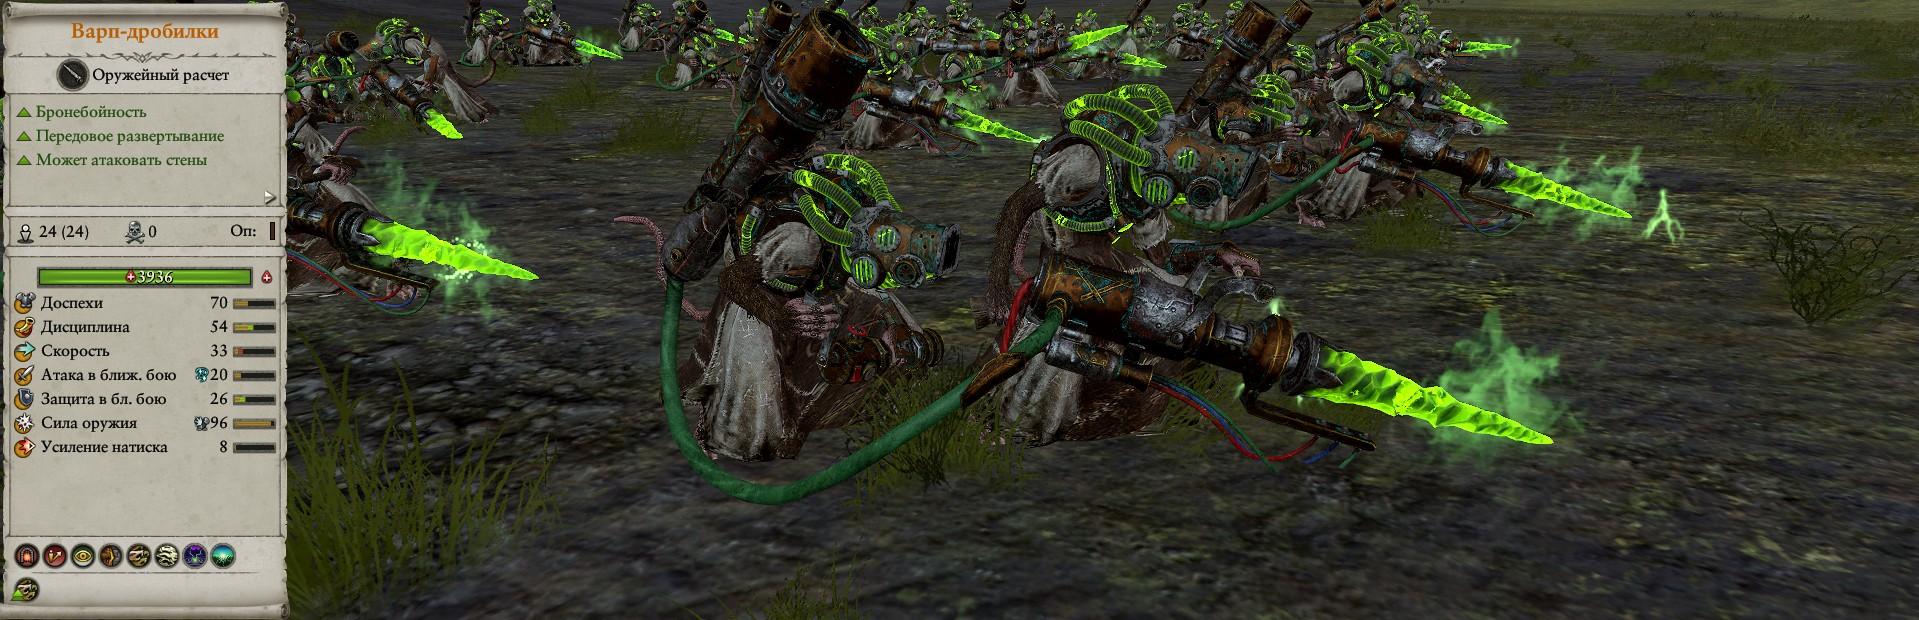 Оружейные расчеты с варп-дробилками warhammer